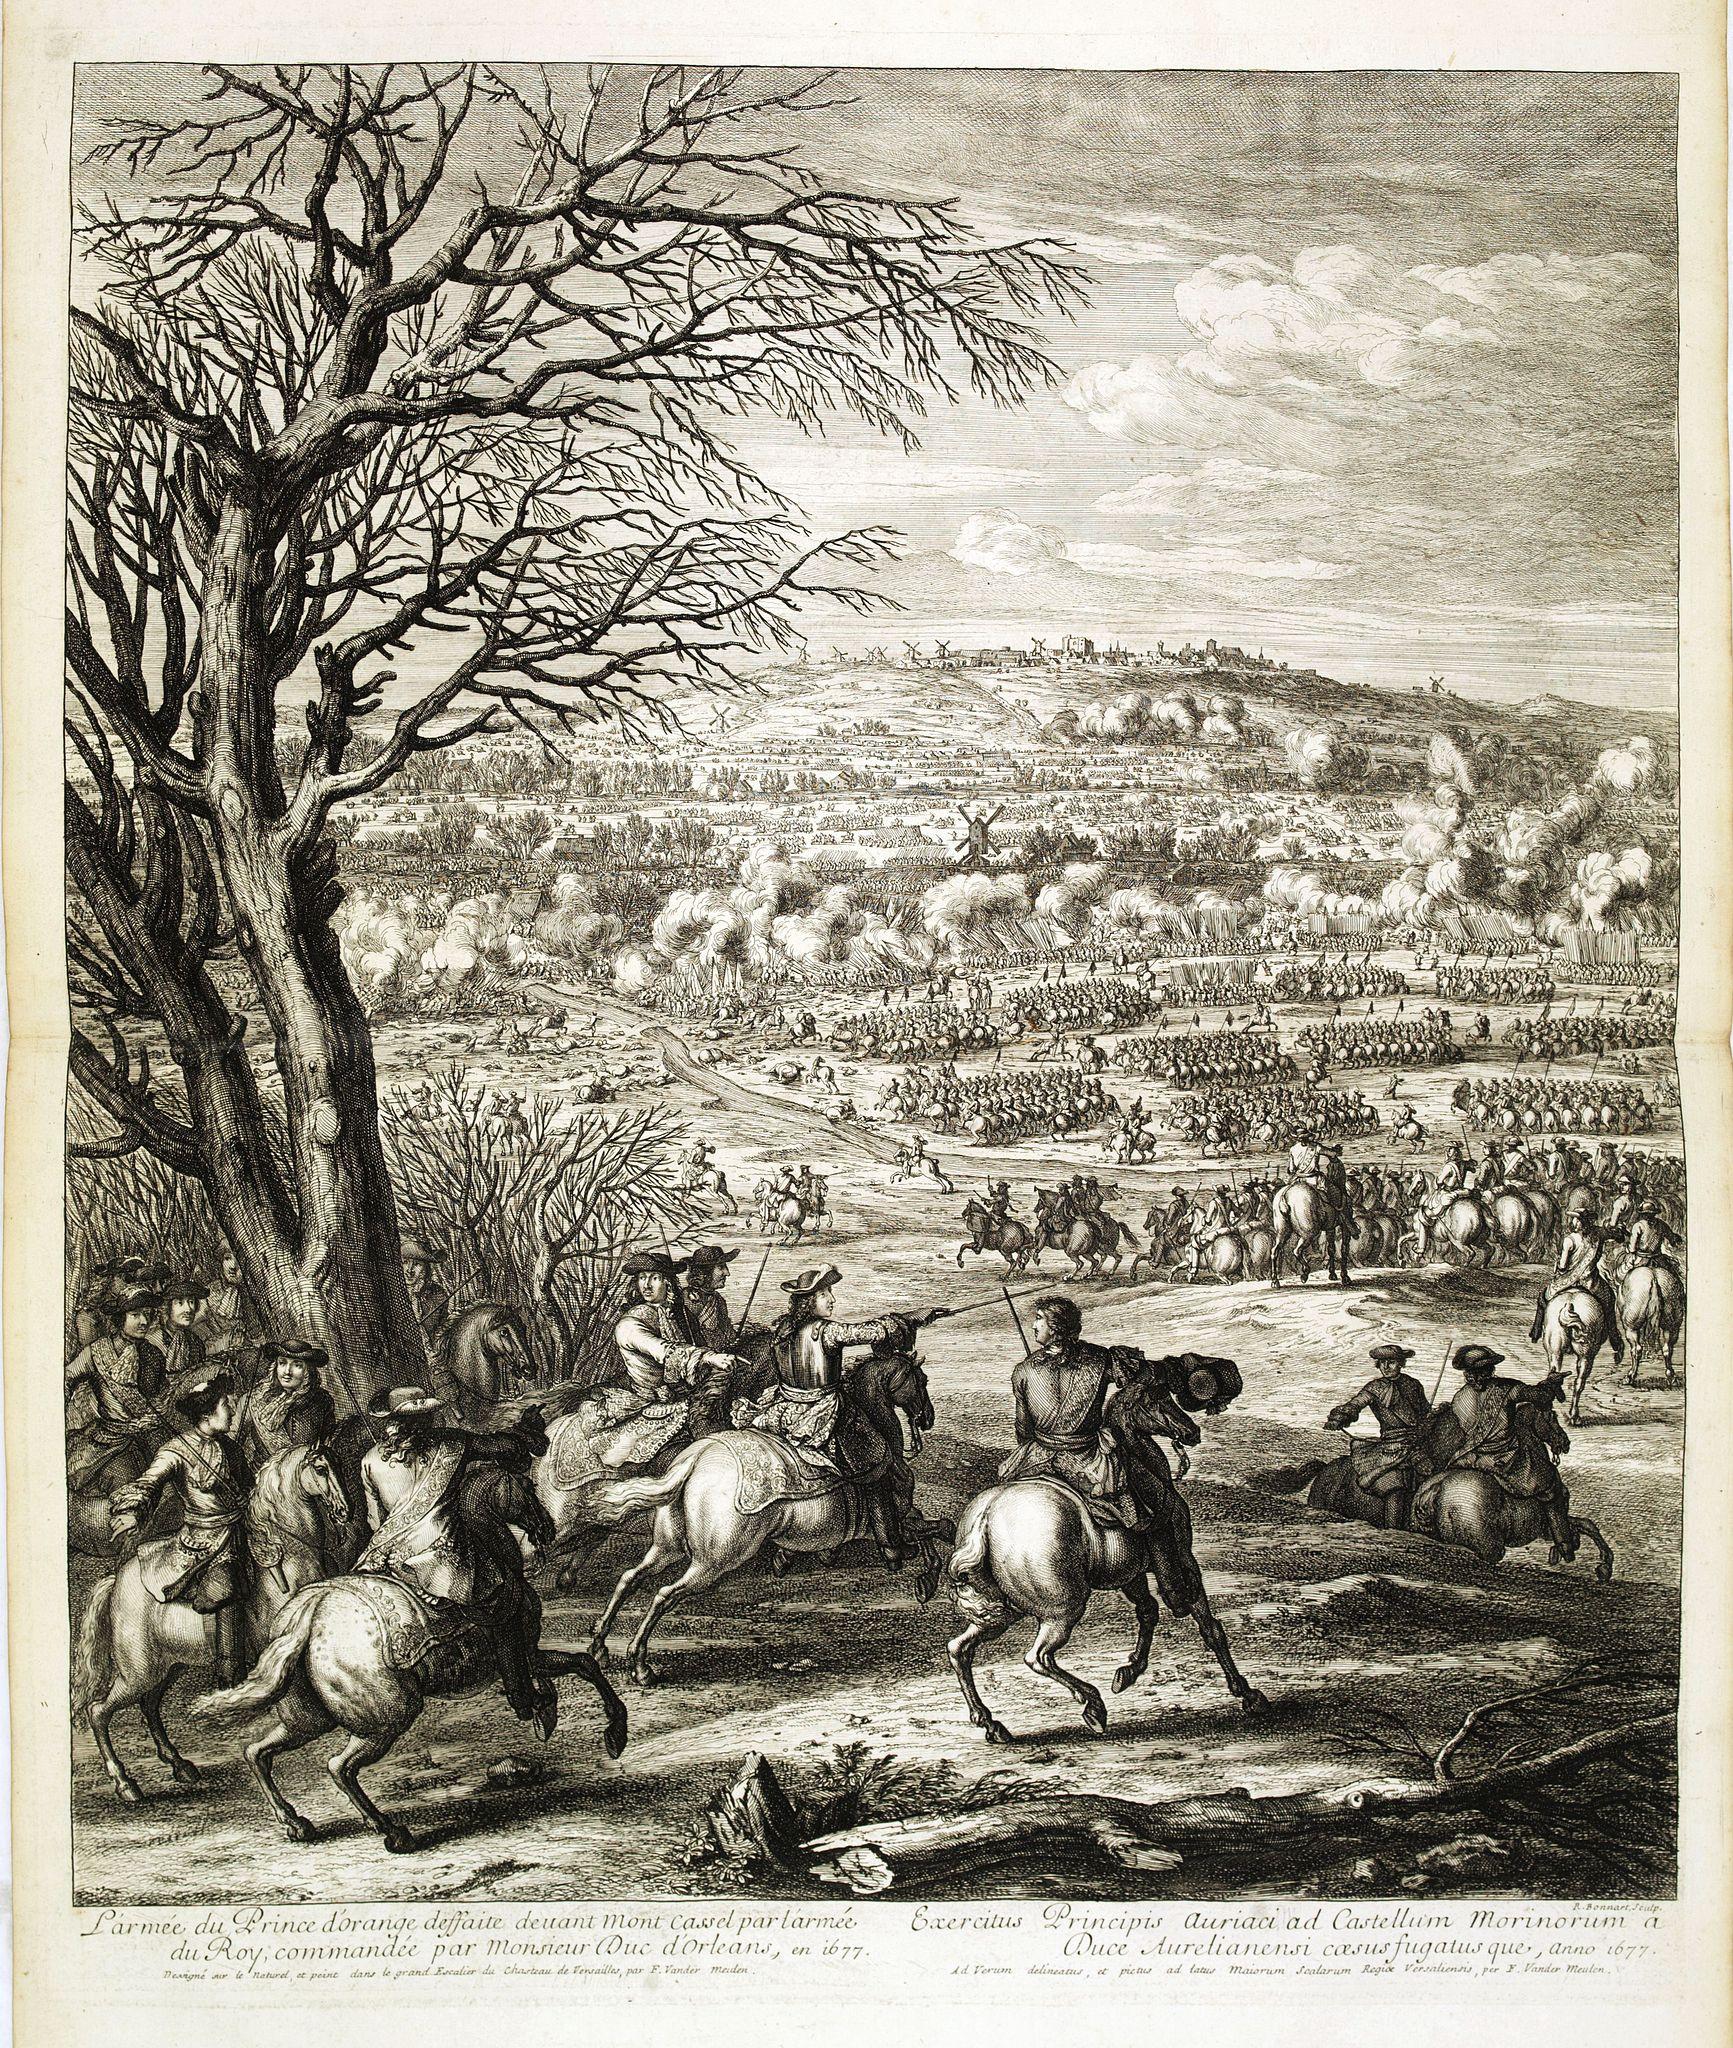 MEULEN, Adam Frans van der. -  L'armée du Prince d'Orange deffaite devant Mont Cassel par l'armée du Roy, commandée par Monsieur Duc d'Orléans, en 1677.